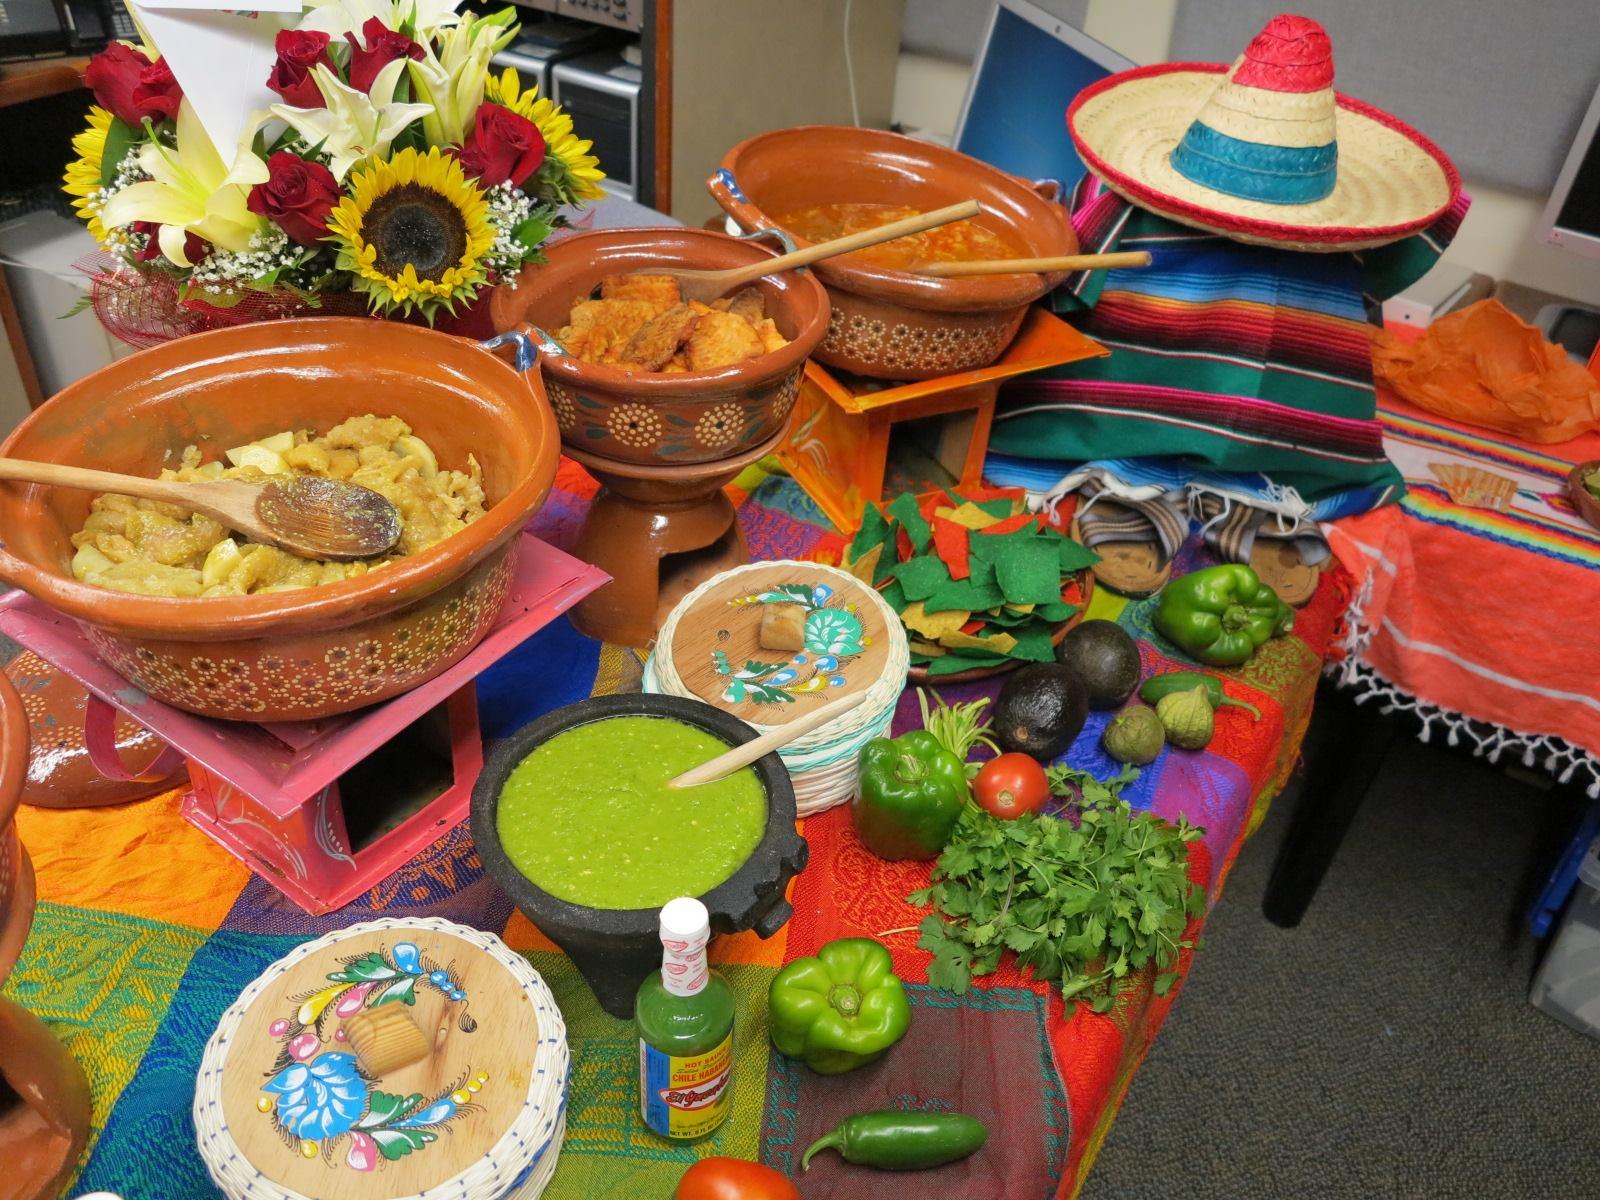 Riqueza cultural y nutricional de la comida mexicana la for Comidas economicas mexicanas